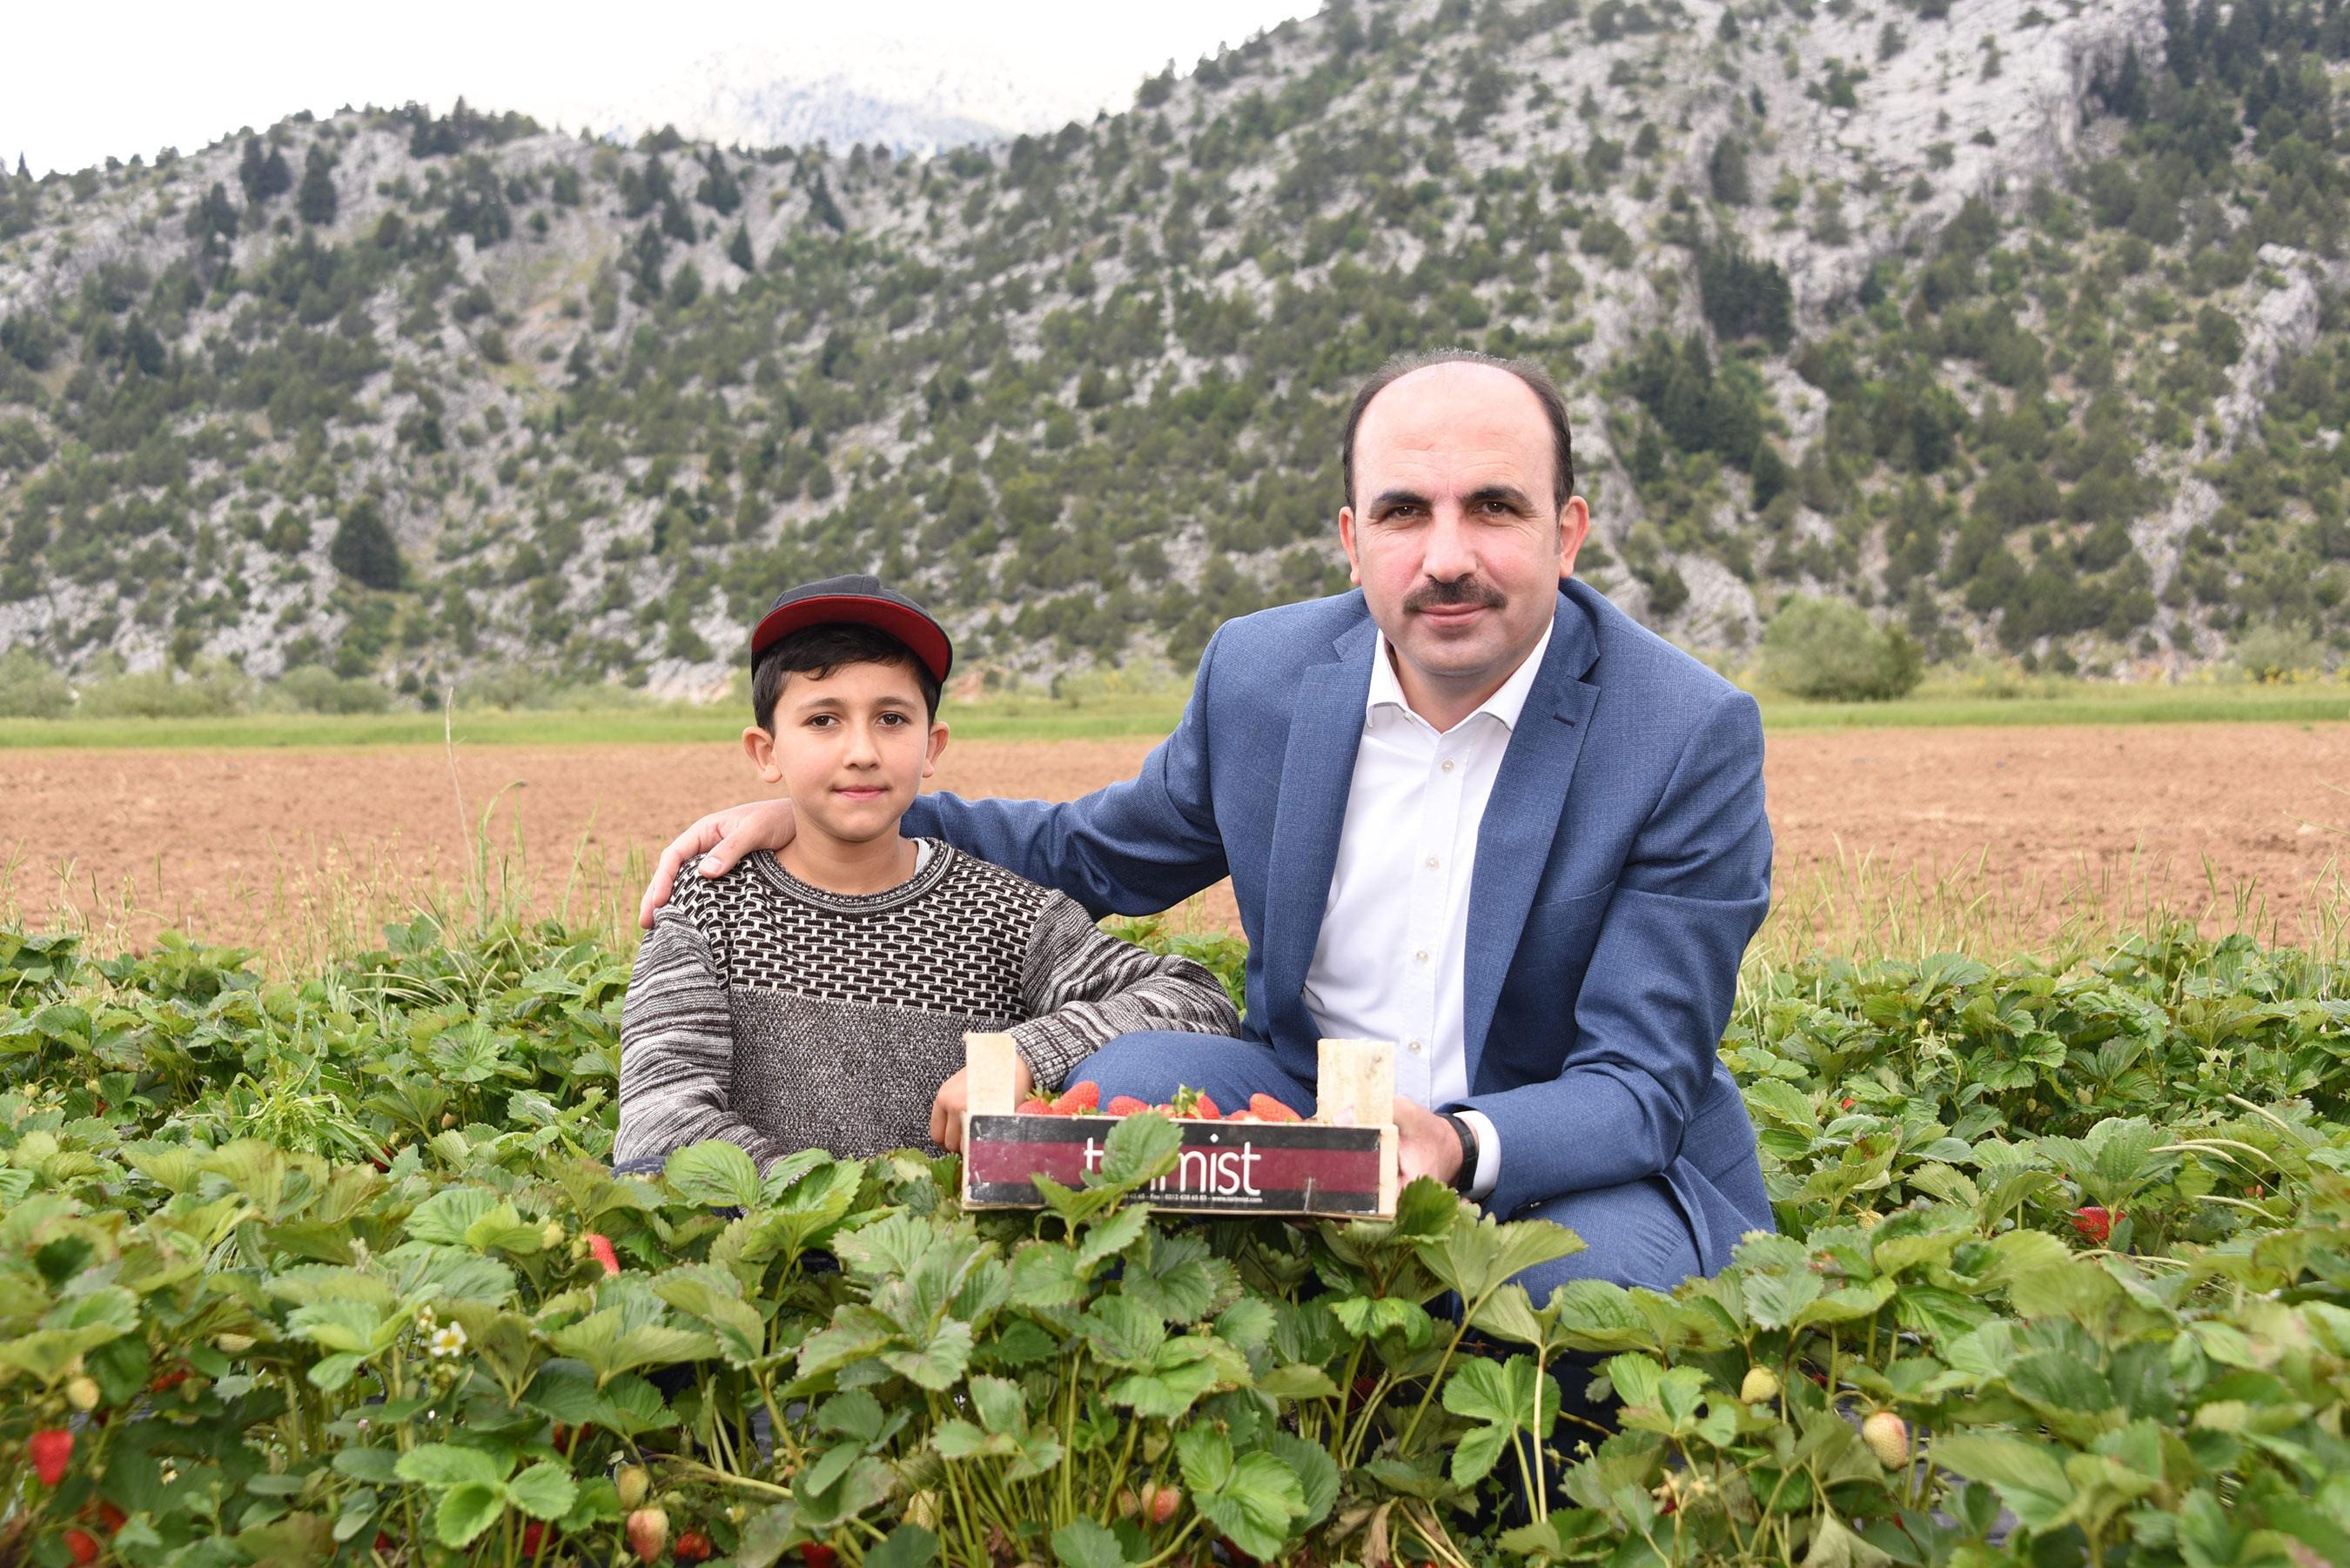 """<p>Konya Büyükşehir Belediyesi, tarım şehri Konya'da üretime desteğini 2020 yılında da sürdürdü. Konya Büyükşehir Belediye Başkanı Uğur İbrahim Altay, 2020 yılında Konya genelindeki çiftçilere 7 milyon lira tutarında fide, fidan, tohum ve tarımsal ekipman desteğinde bulunduklarını ifade etti.</p> <p></p> <p>Büyükşehir Belediyesi, 2020 yılında Konya genelindeki on binlerce çiftçiye katkı sağlamaya devam etti. Konya Büyükşehir Belediye Başkanı Uğur İbrahim Altay, özellikle kırsal bölgelerde üretimi artırmak ve tarımsal kalkınmayı güçlendirmek amacıyla diğer yatırımların yanında tarıma ve tarım projelerine destek olmaya 2020 yılında da aralıksız devam ettiklerini söyledi. Tarımsal kalkınmayı yerel kalkınmanın vazgeçilmez bir unsuru olarak gördüklerinin altını çizen Başkan Altay, """"Çiftimizin kalkınması amacıyla Konya Büyükşehir Belediyesi olarak 2020 yılı desteklemelerimiz kapsamında Konya genelindeki çiftçilerimize 7 milyon lira değerinde fide, fidan, tohum ve tarımsal ekipman desteği sağladık. Bunların arasında 2 milyon 750 bin adet çilek fidesi, yaklaşık 80 bin adet meyve fidanı, 100 bin kilonun üzerinde macar fiği tohumu, bin 100 kilo yerli ve milli susam tohumu ve çeşitli tarımsal makine ve ekipman desteği bulunuyor. Ayrıca 2020 yılında 15 bin çiftçimize çeşitli konularda tarımsal eğitim verdik"""" ifadelerini kullandı.</p> <p></p> <p>Başkan Altay, tarıma desteklerinin 2021 yılında da artarak devam edeceğini sözlerine ekledi.</p>"""